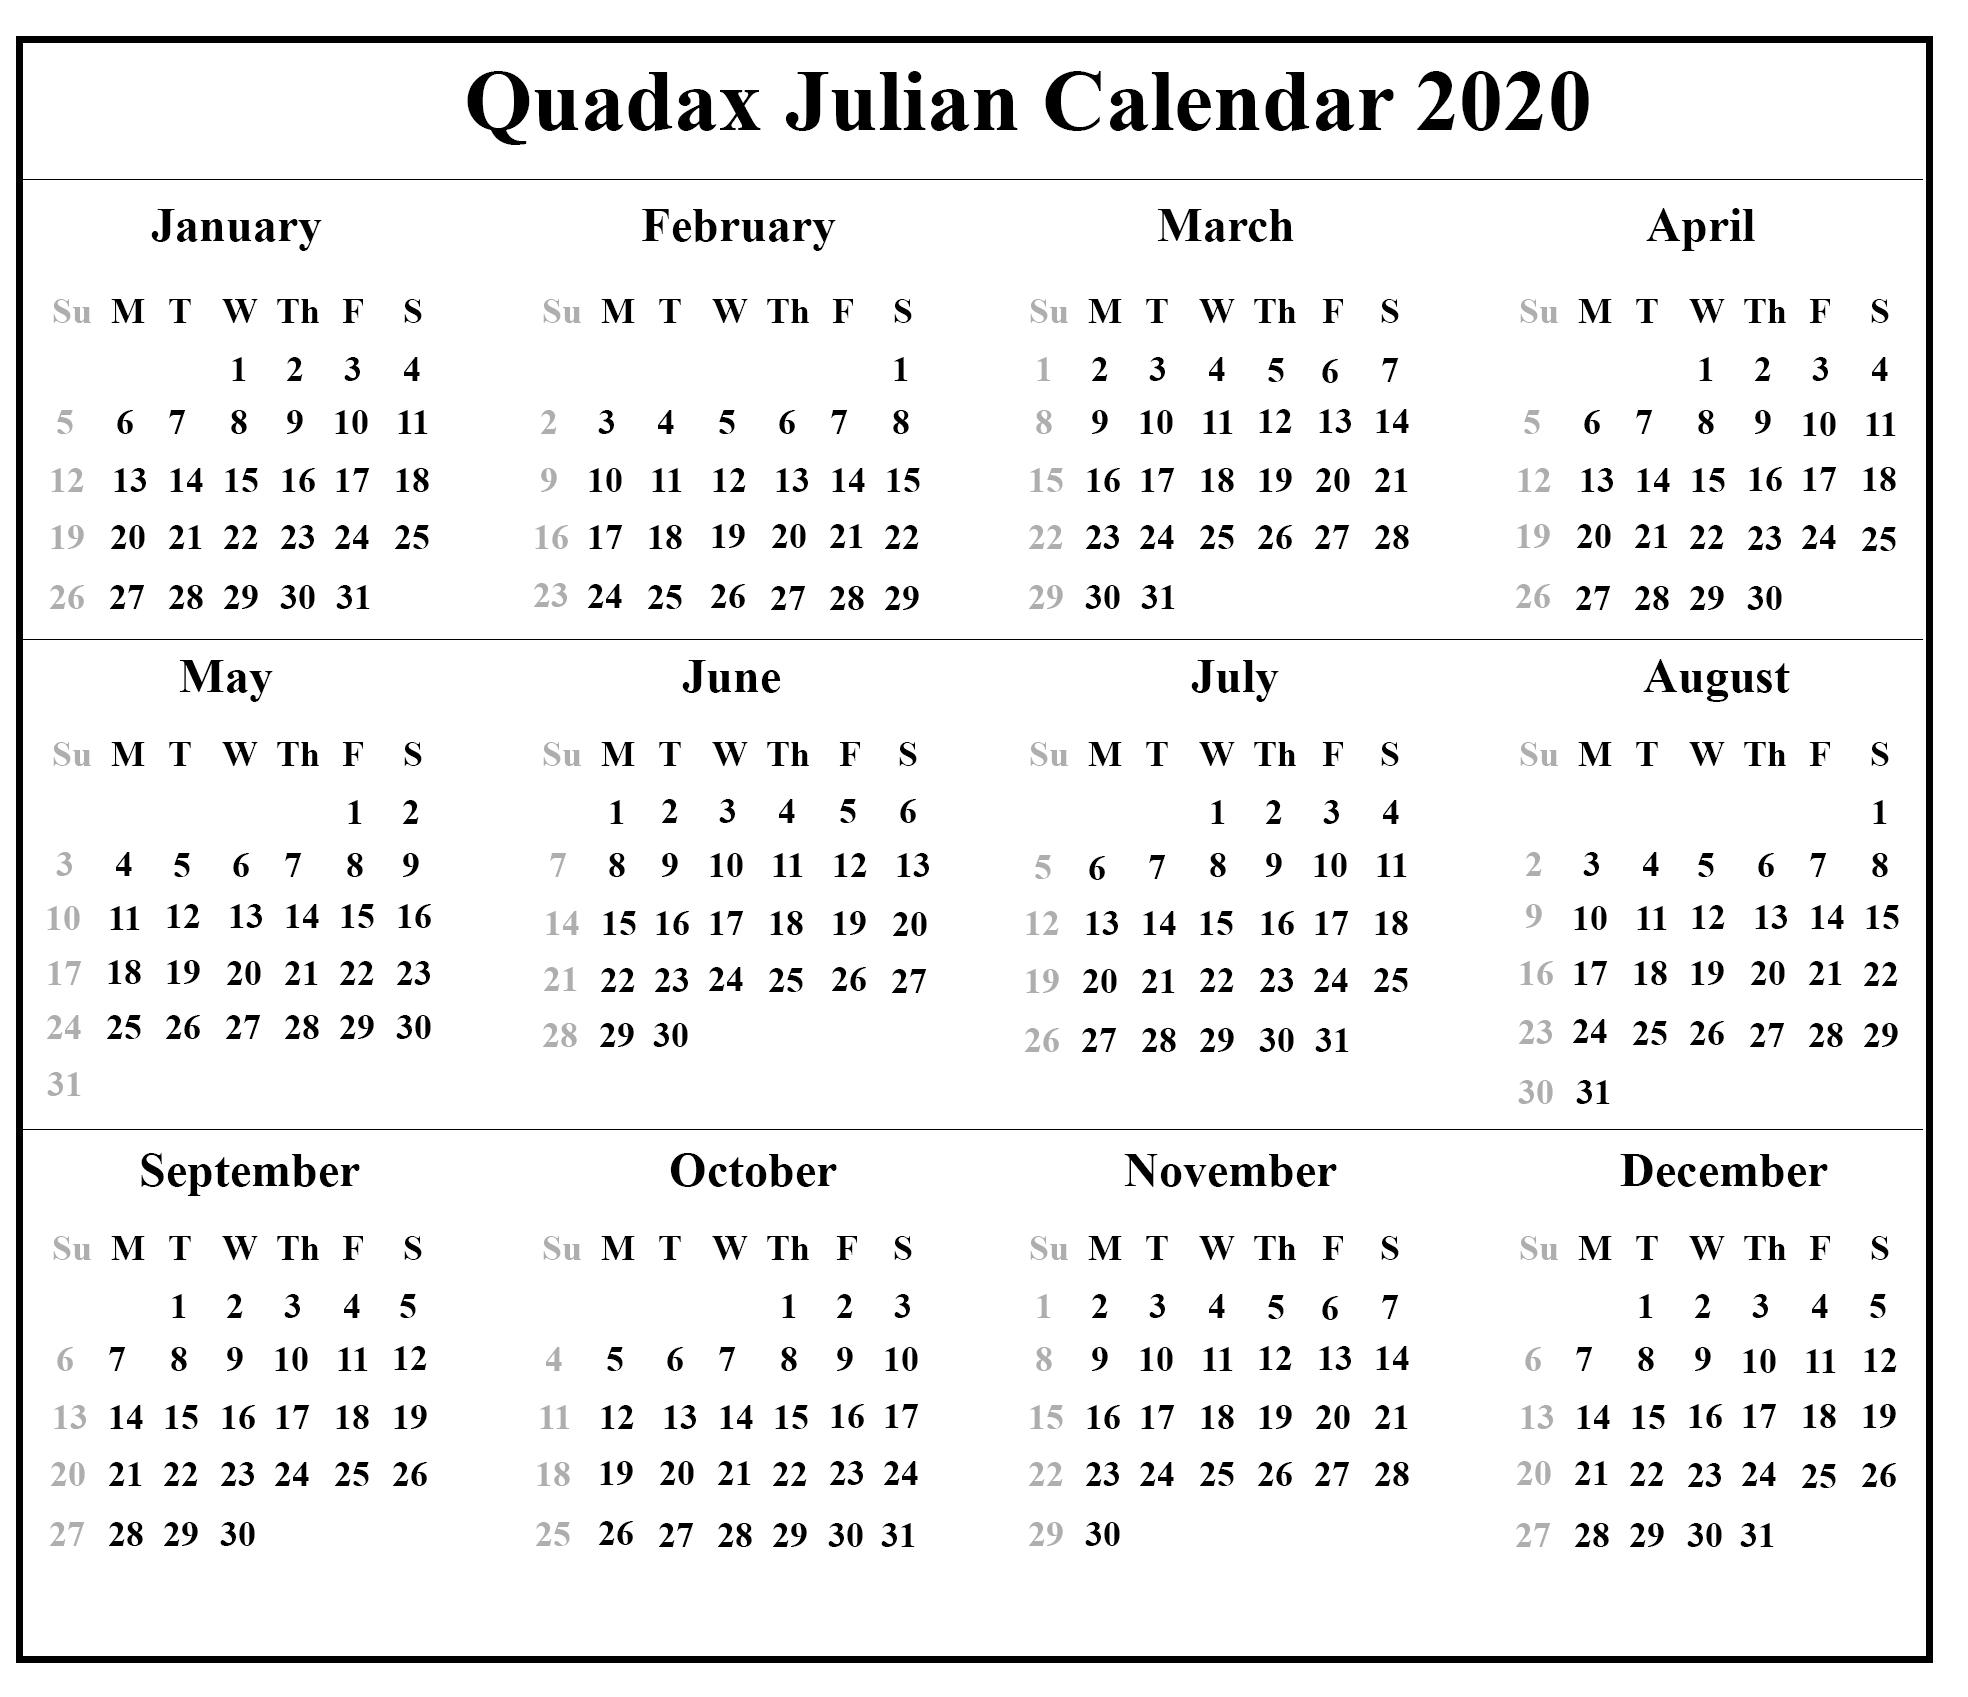 Quadax 2020 Julian Calendar   Calendar For Planning within Conver Dec 8 2021 To Julian Date